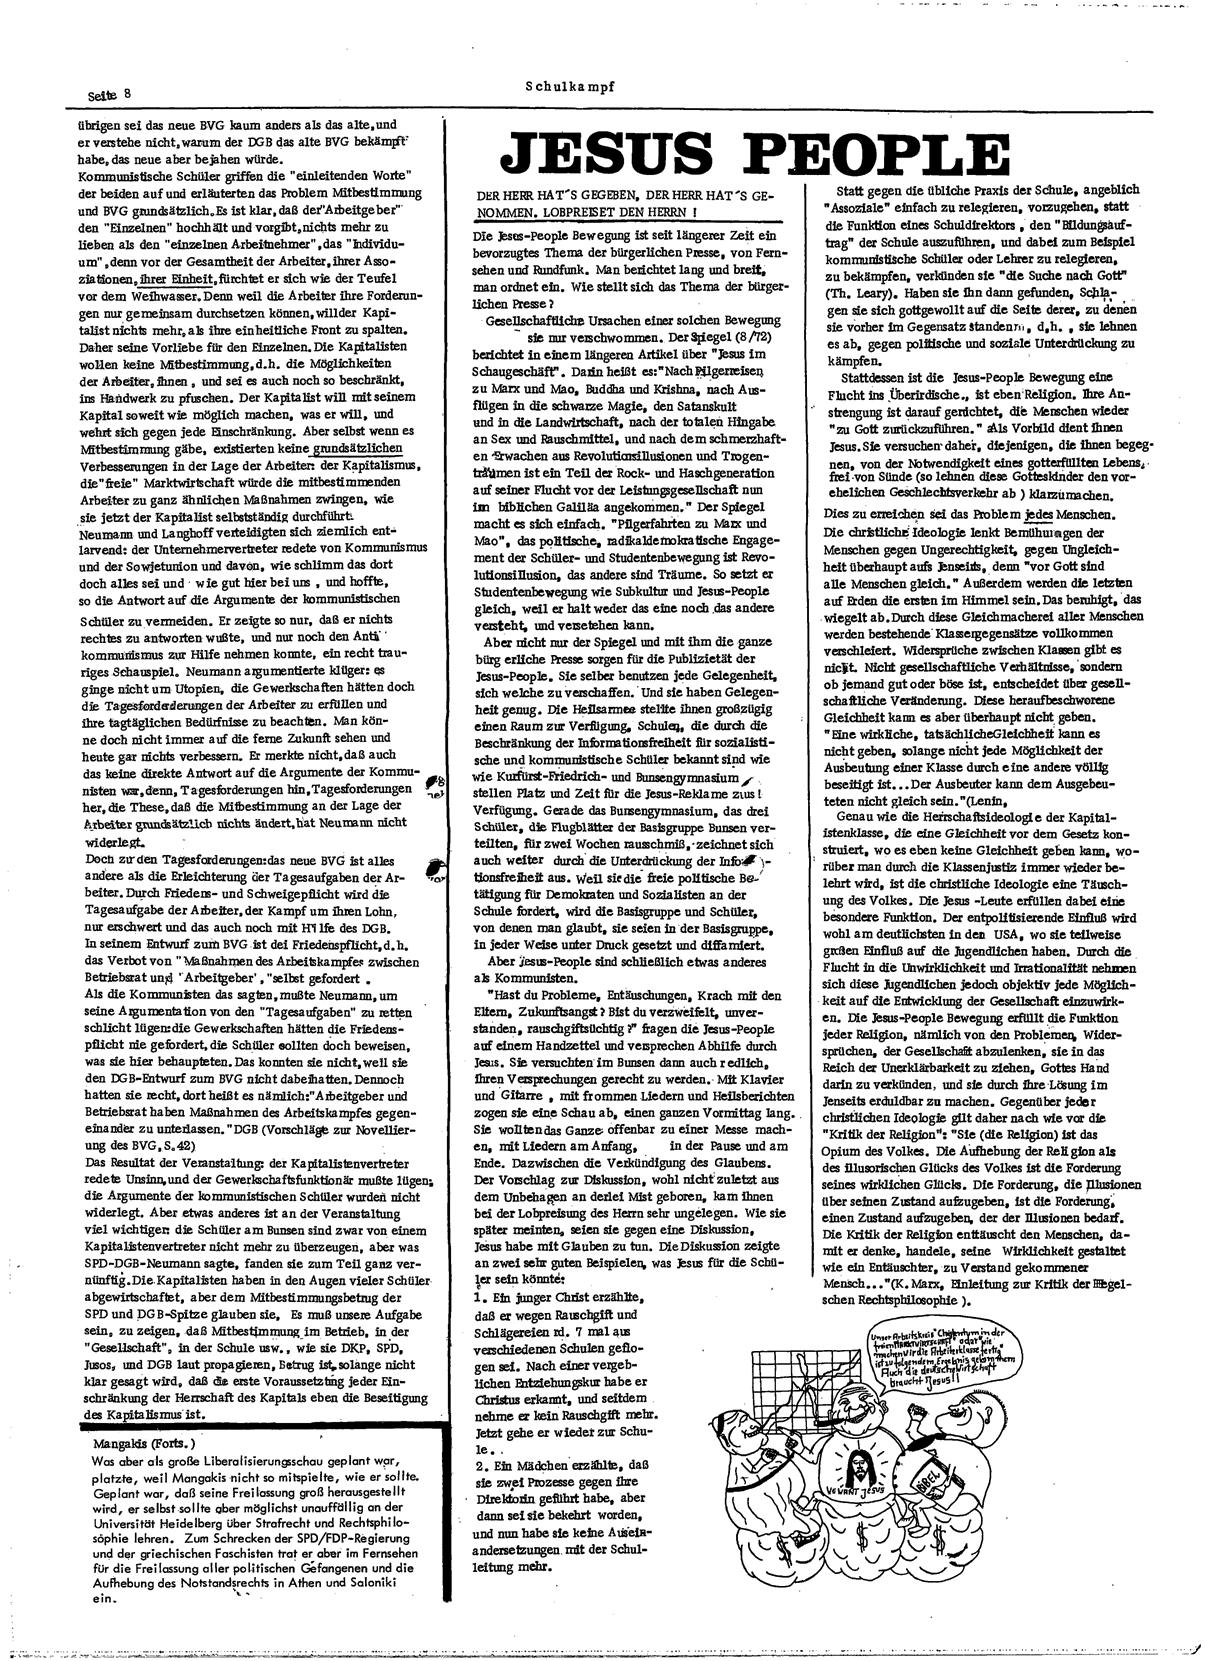 Schulkampf_HD_1972_01_08